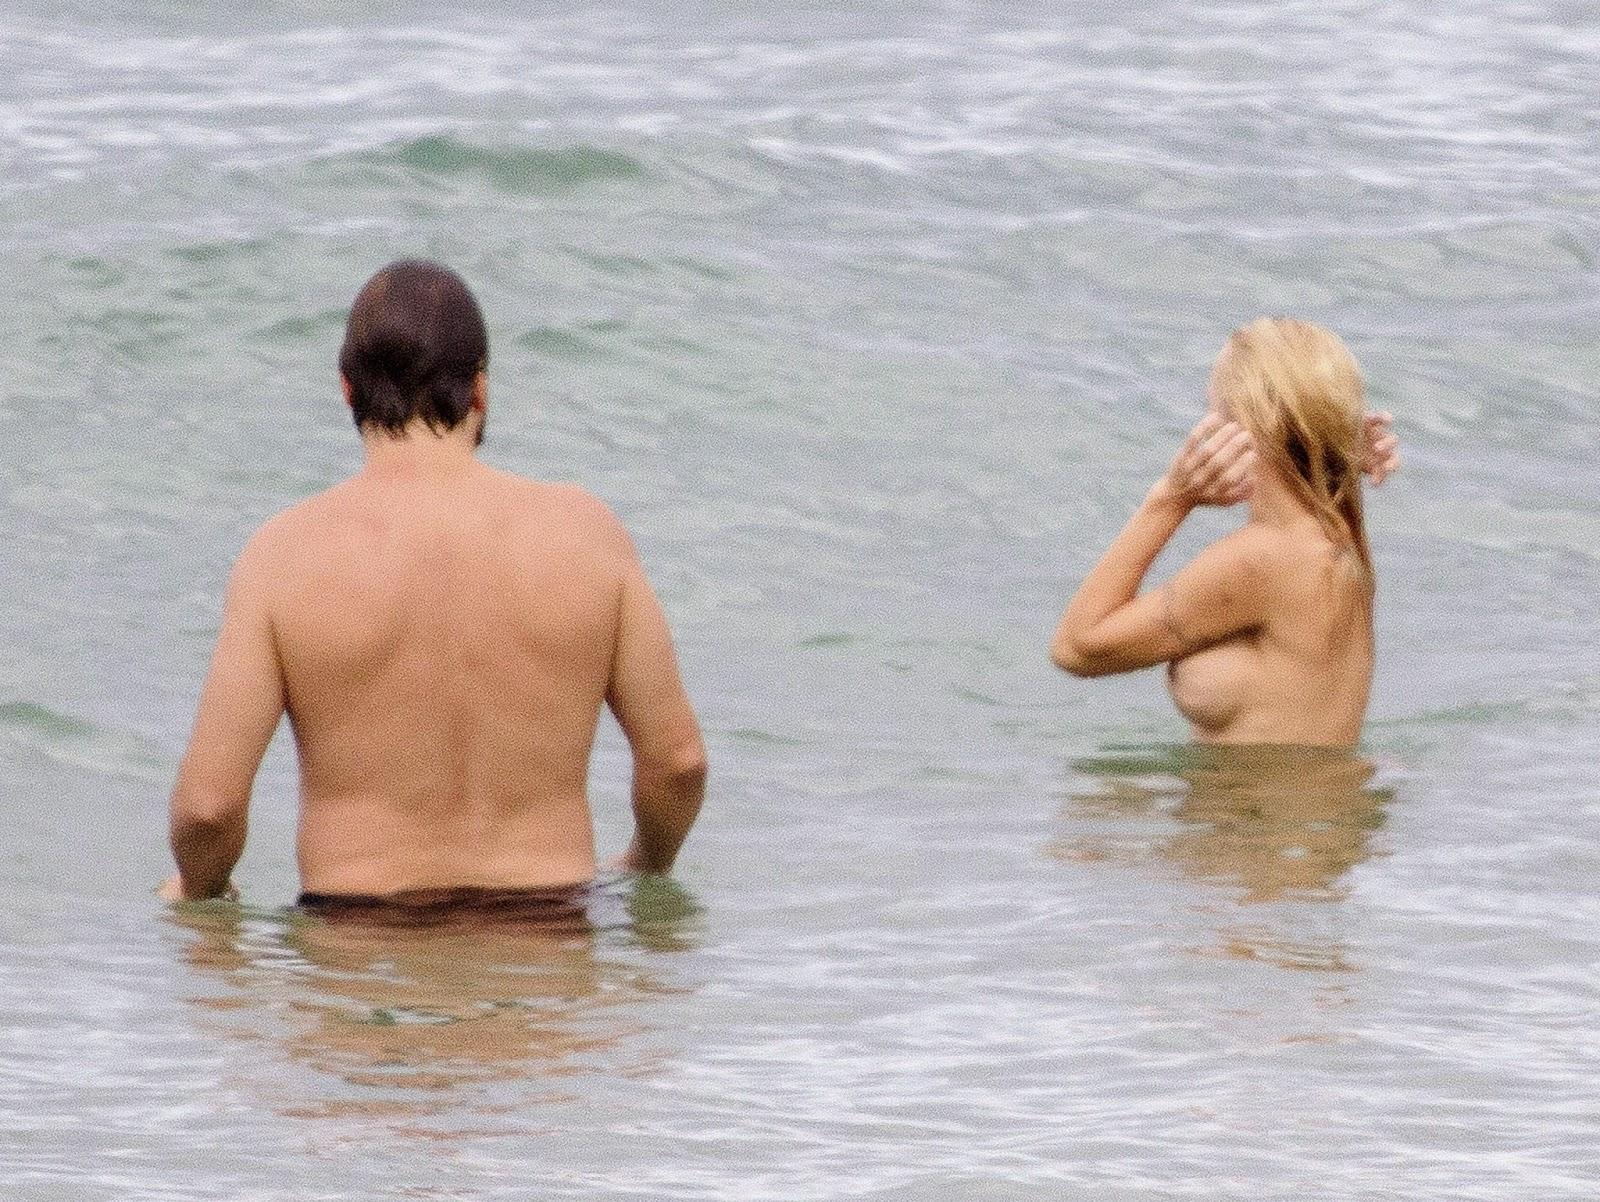 Nude Beach France